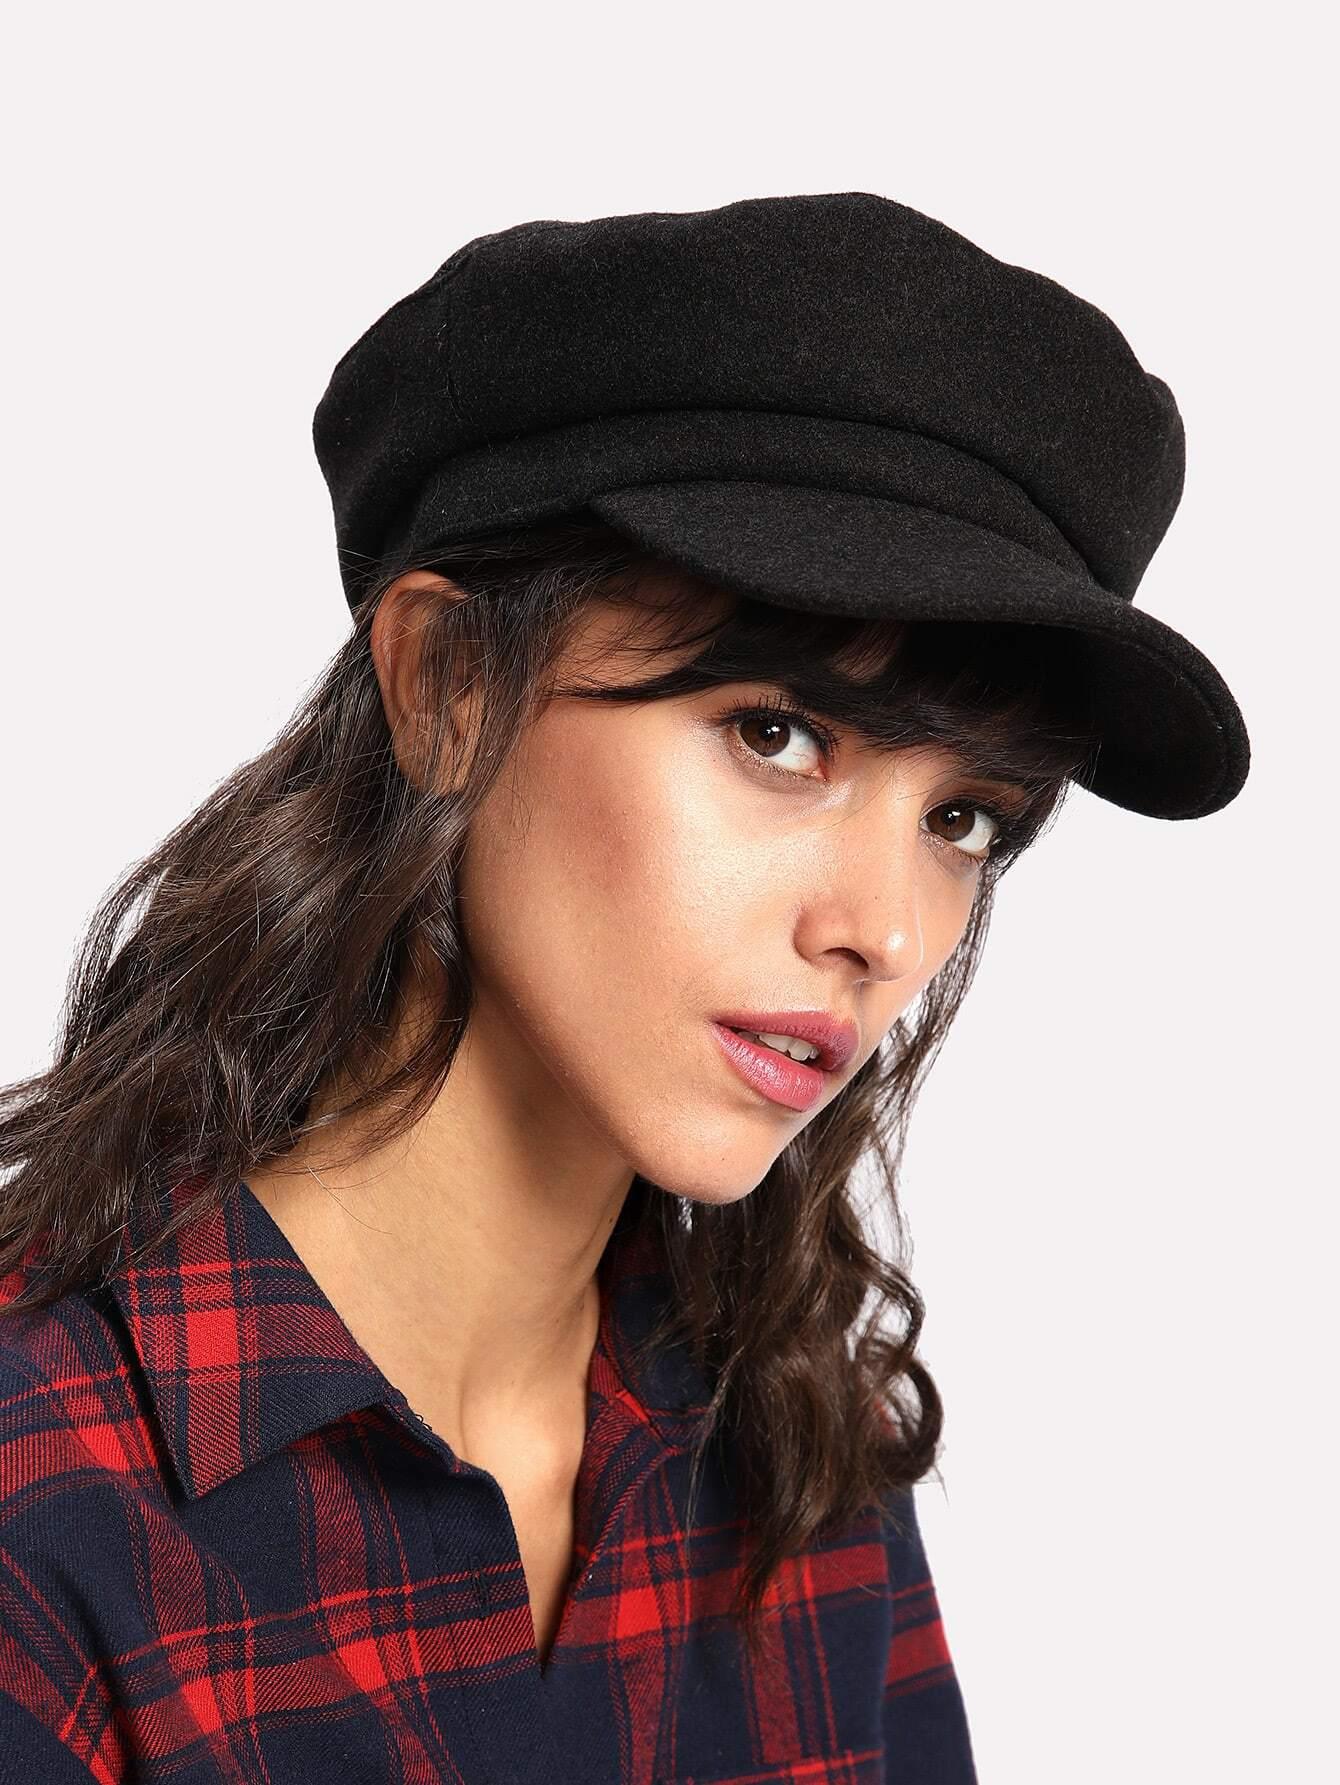 chapeau vendeur de journaux french romwe. Black Bedroom Furniture Sets. Home Design Ideas